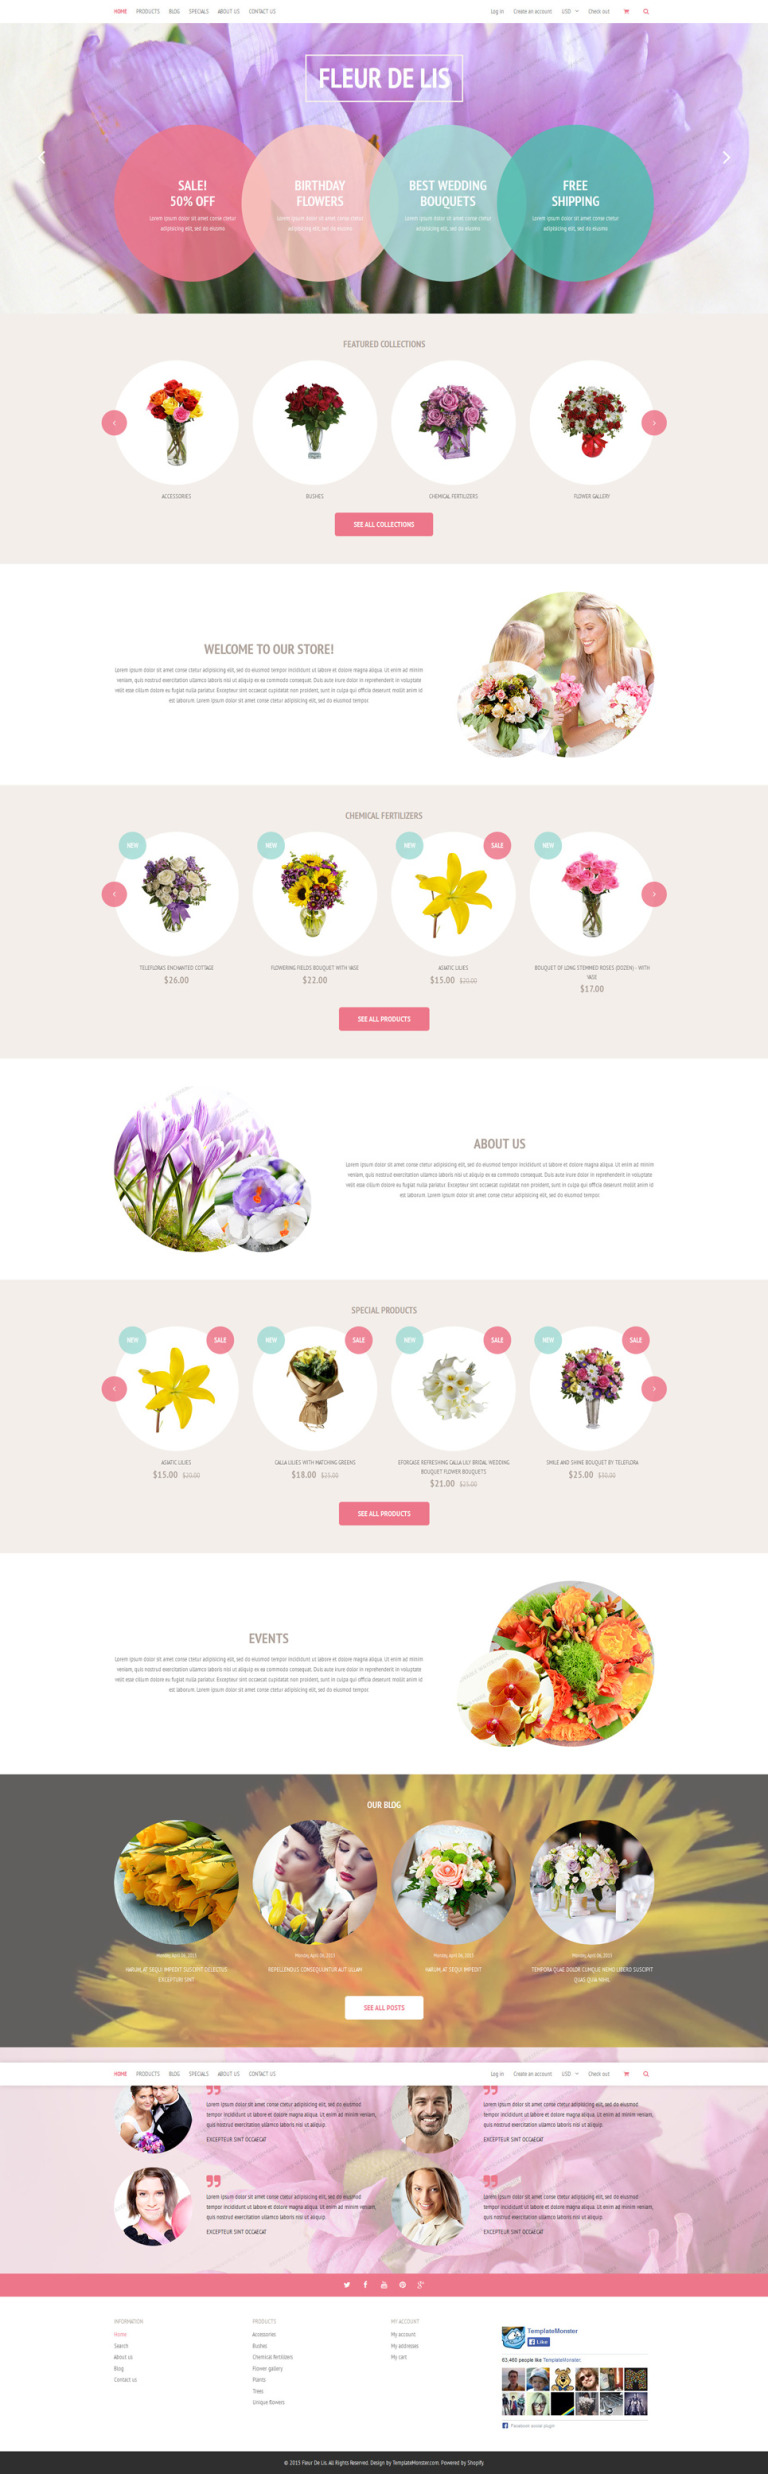 Fleur de lis Shopify Theme Shopify Theme New Screenshots BIG